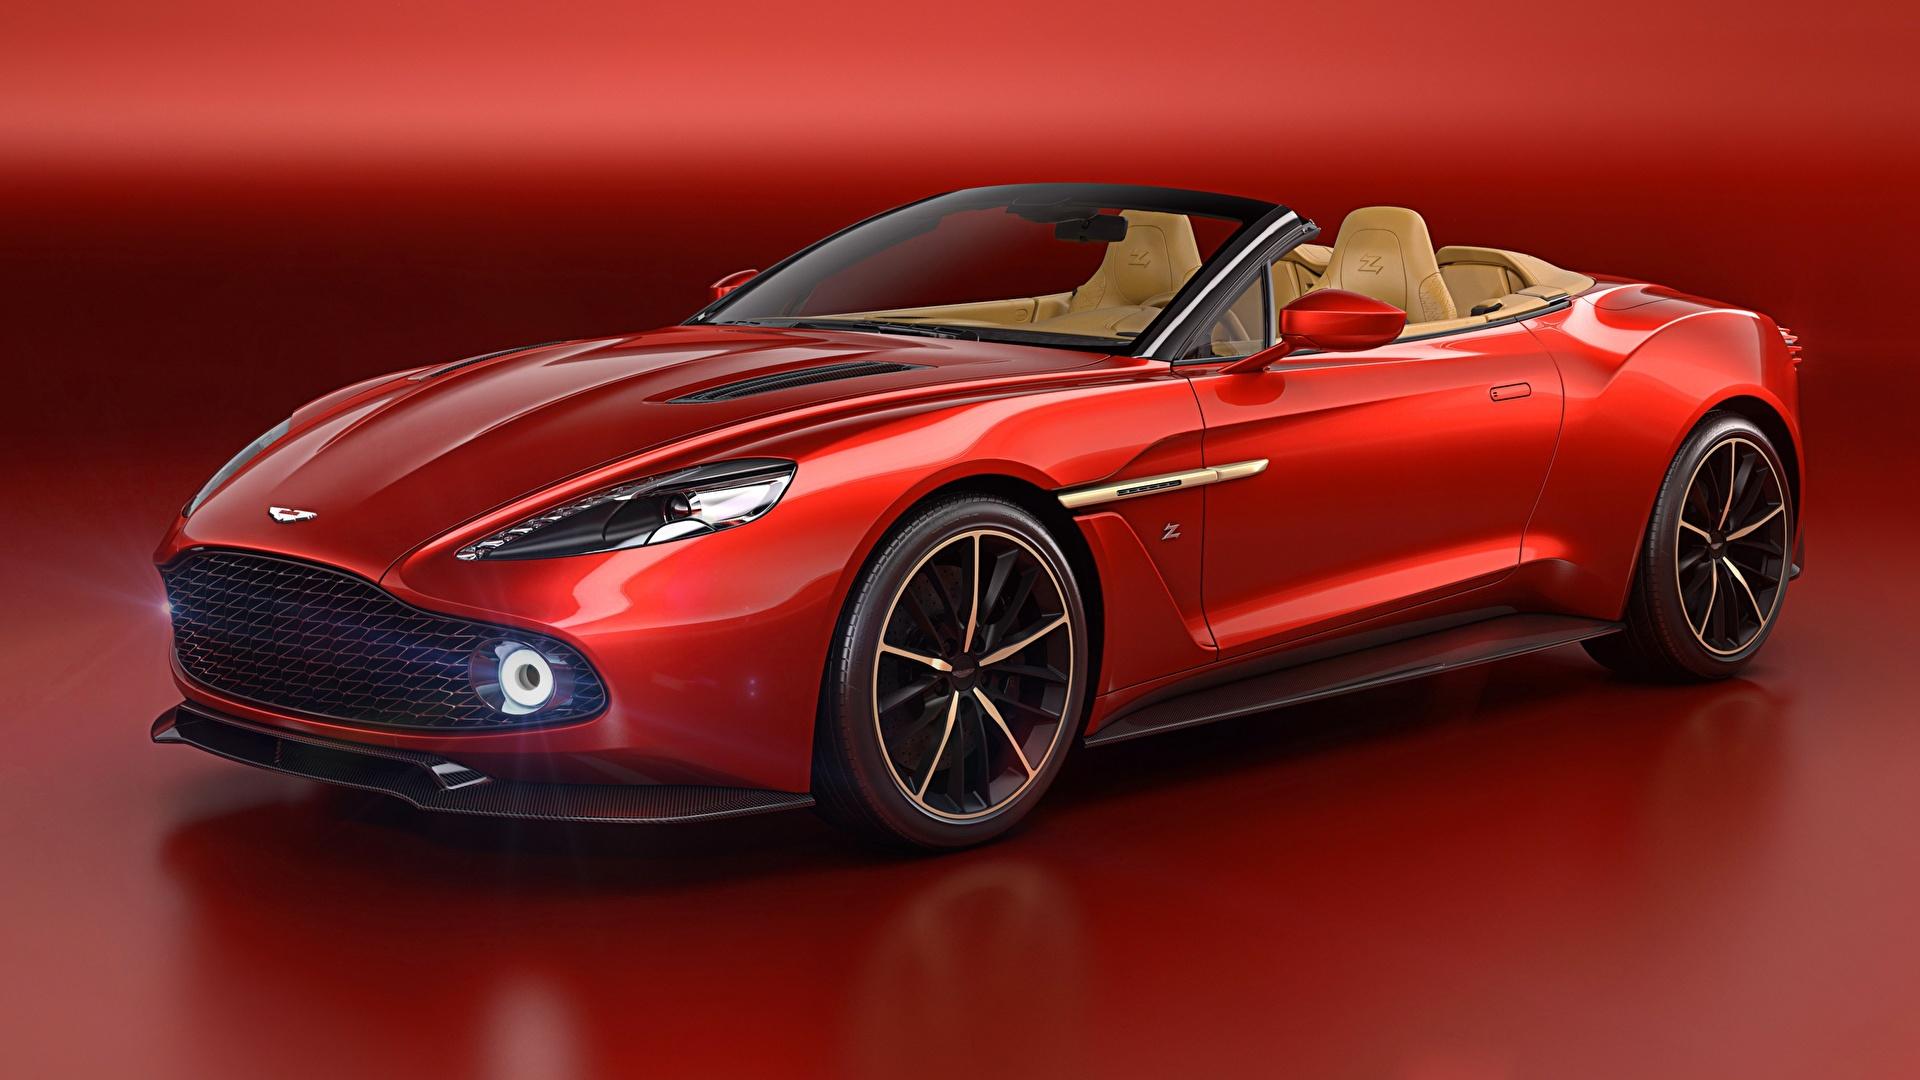 Fondos De Pantalla 1920x1080 Aston Martin Vanquish Rojo